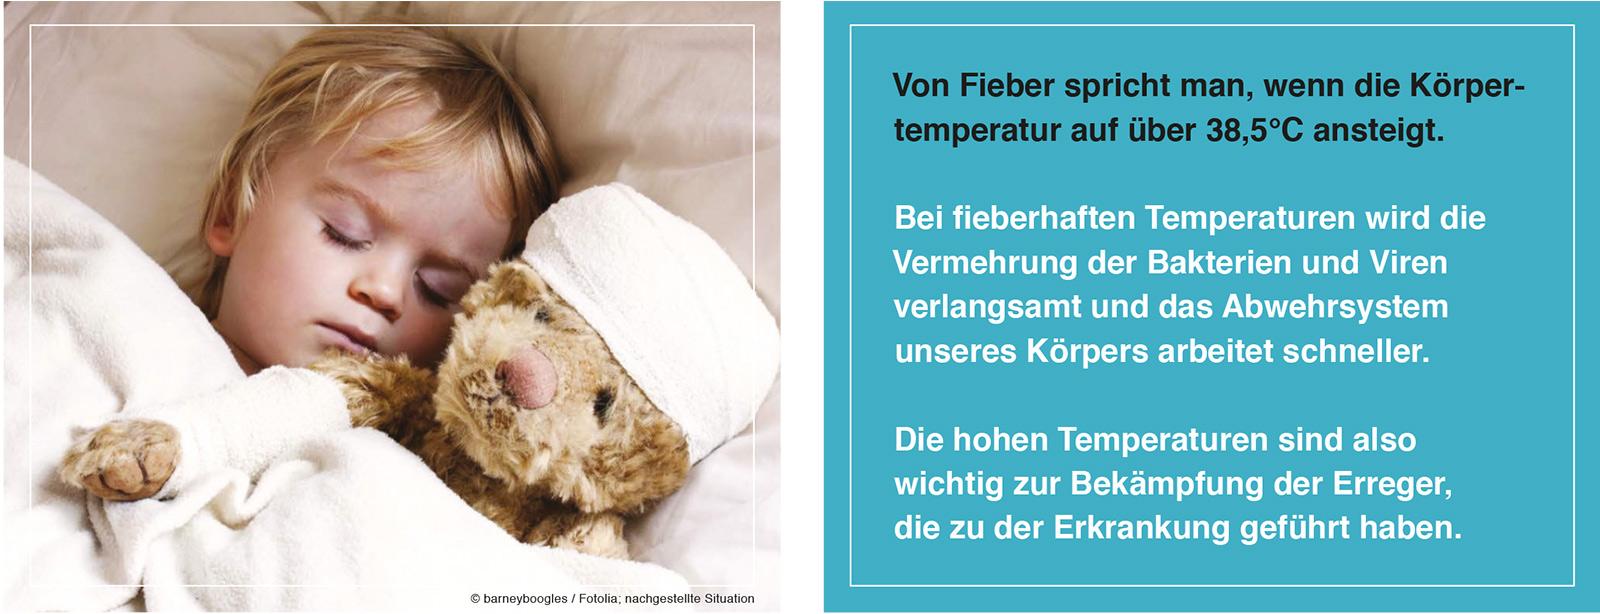 Elterninformation zu Fieber